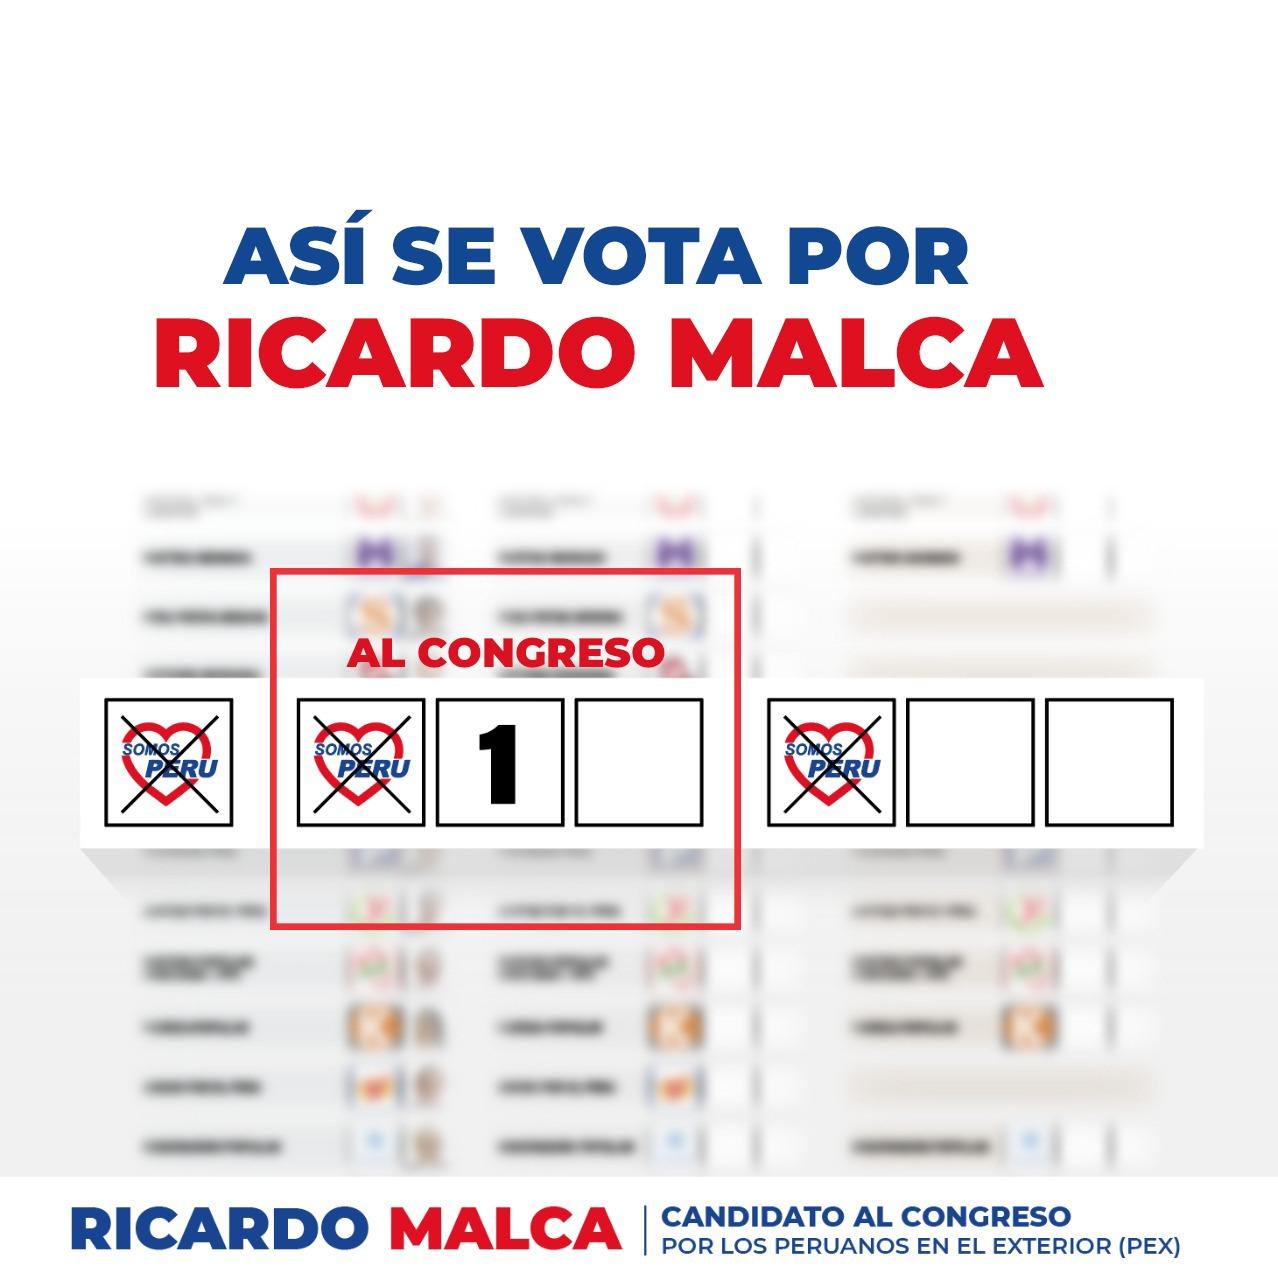 COMO VOTAR POR RICARDO MALCA